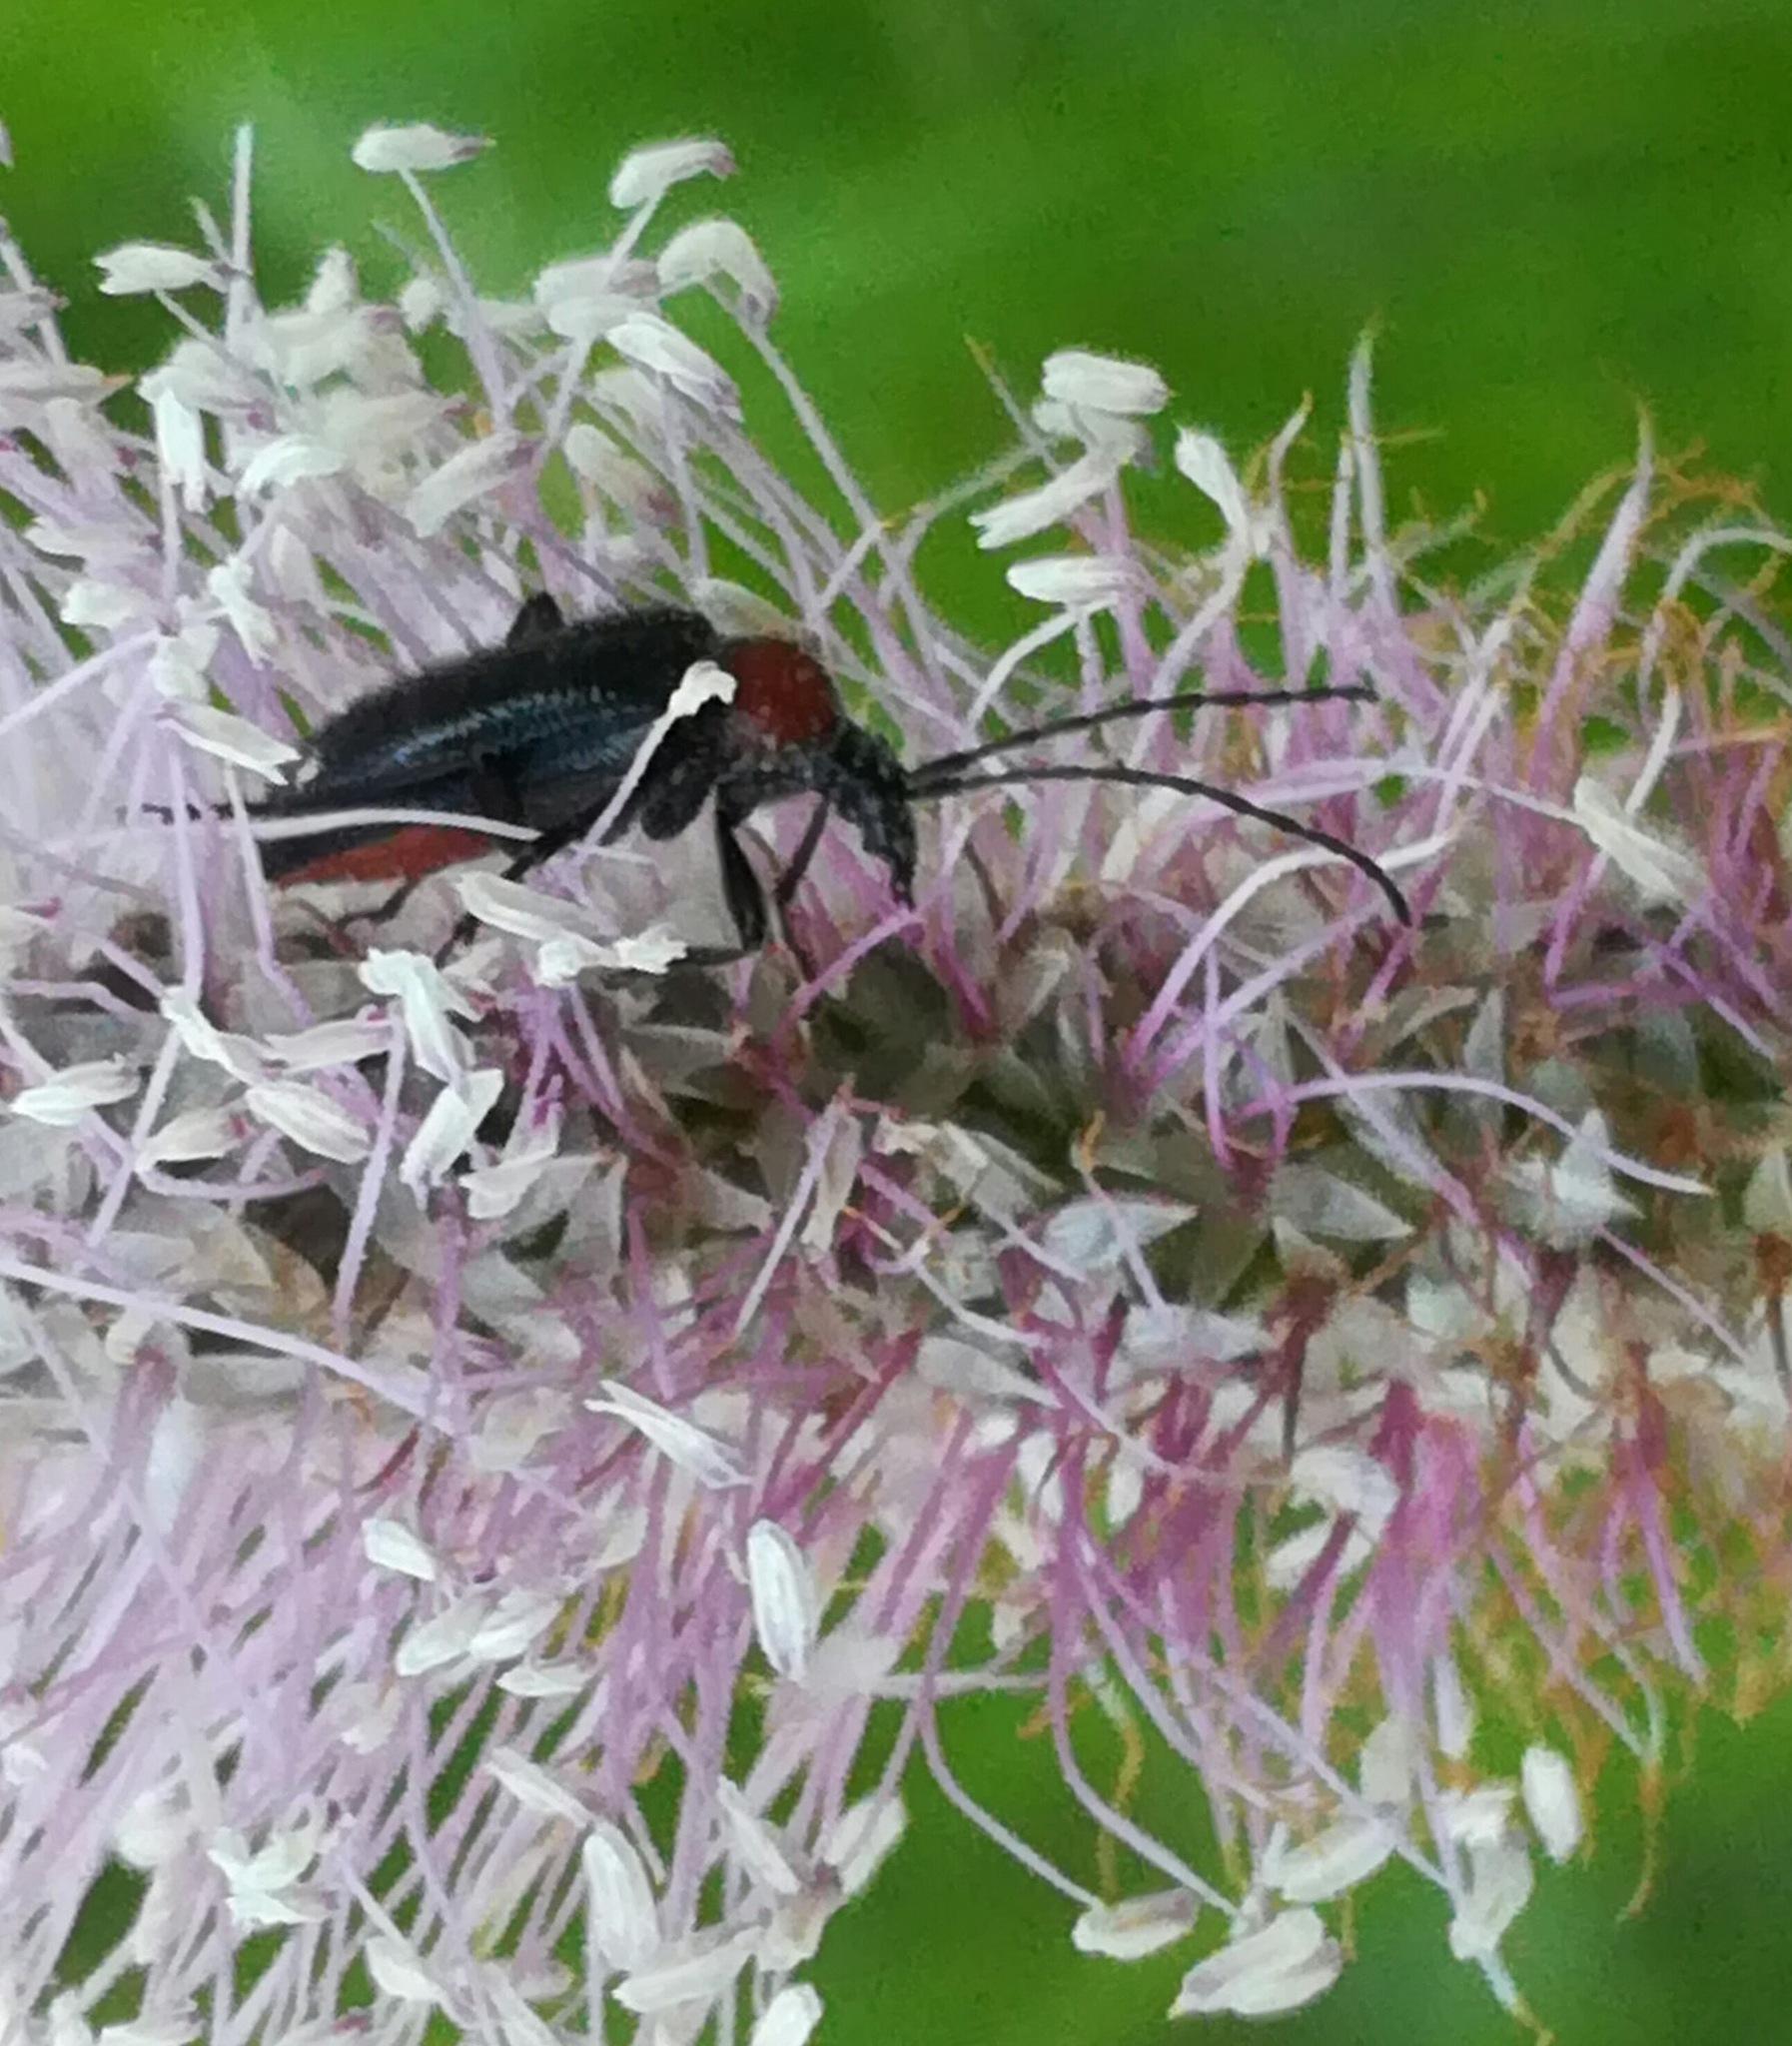 Beetle by uzkuraitiene62